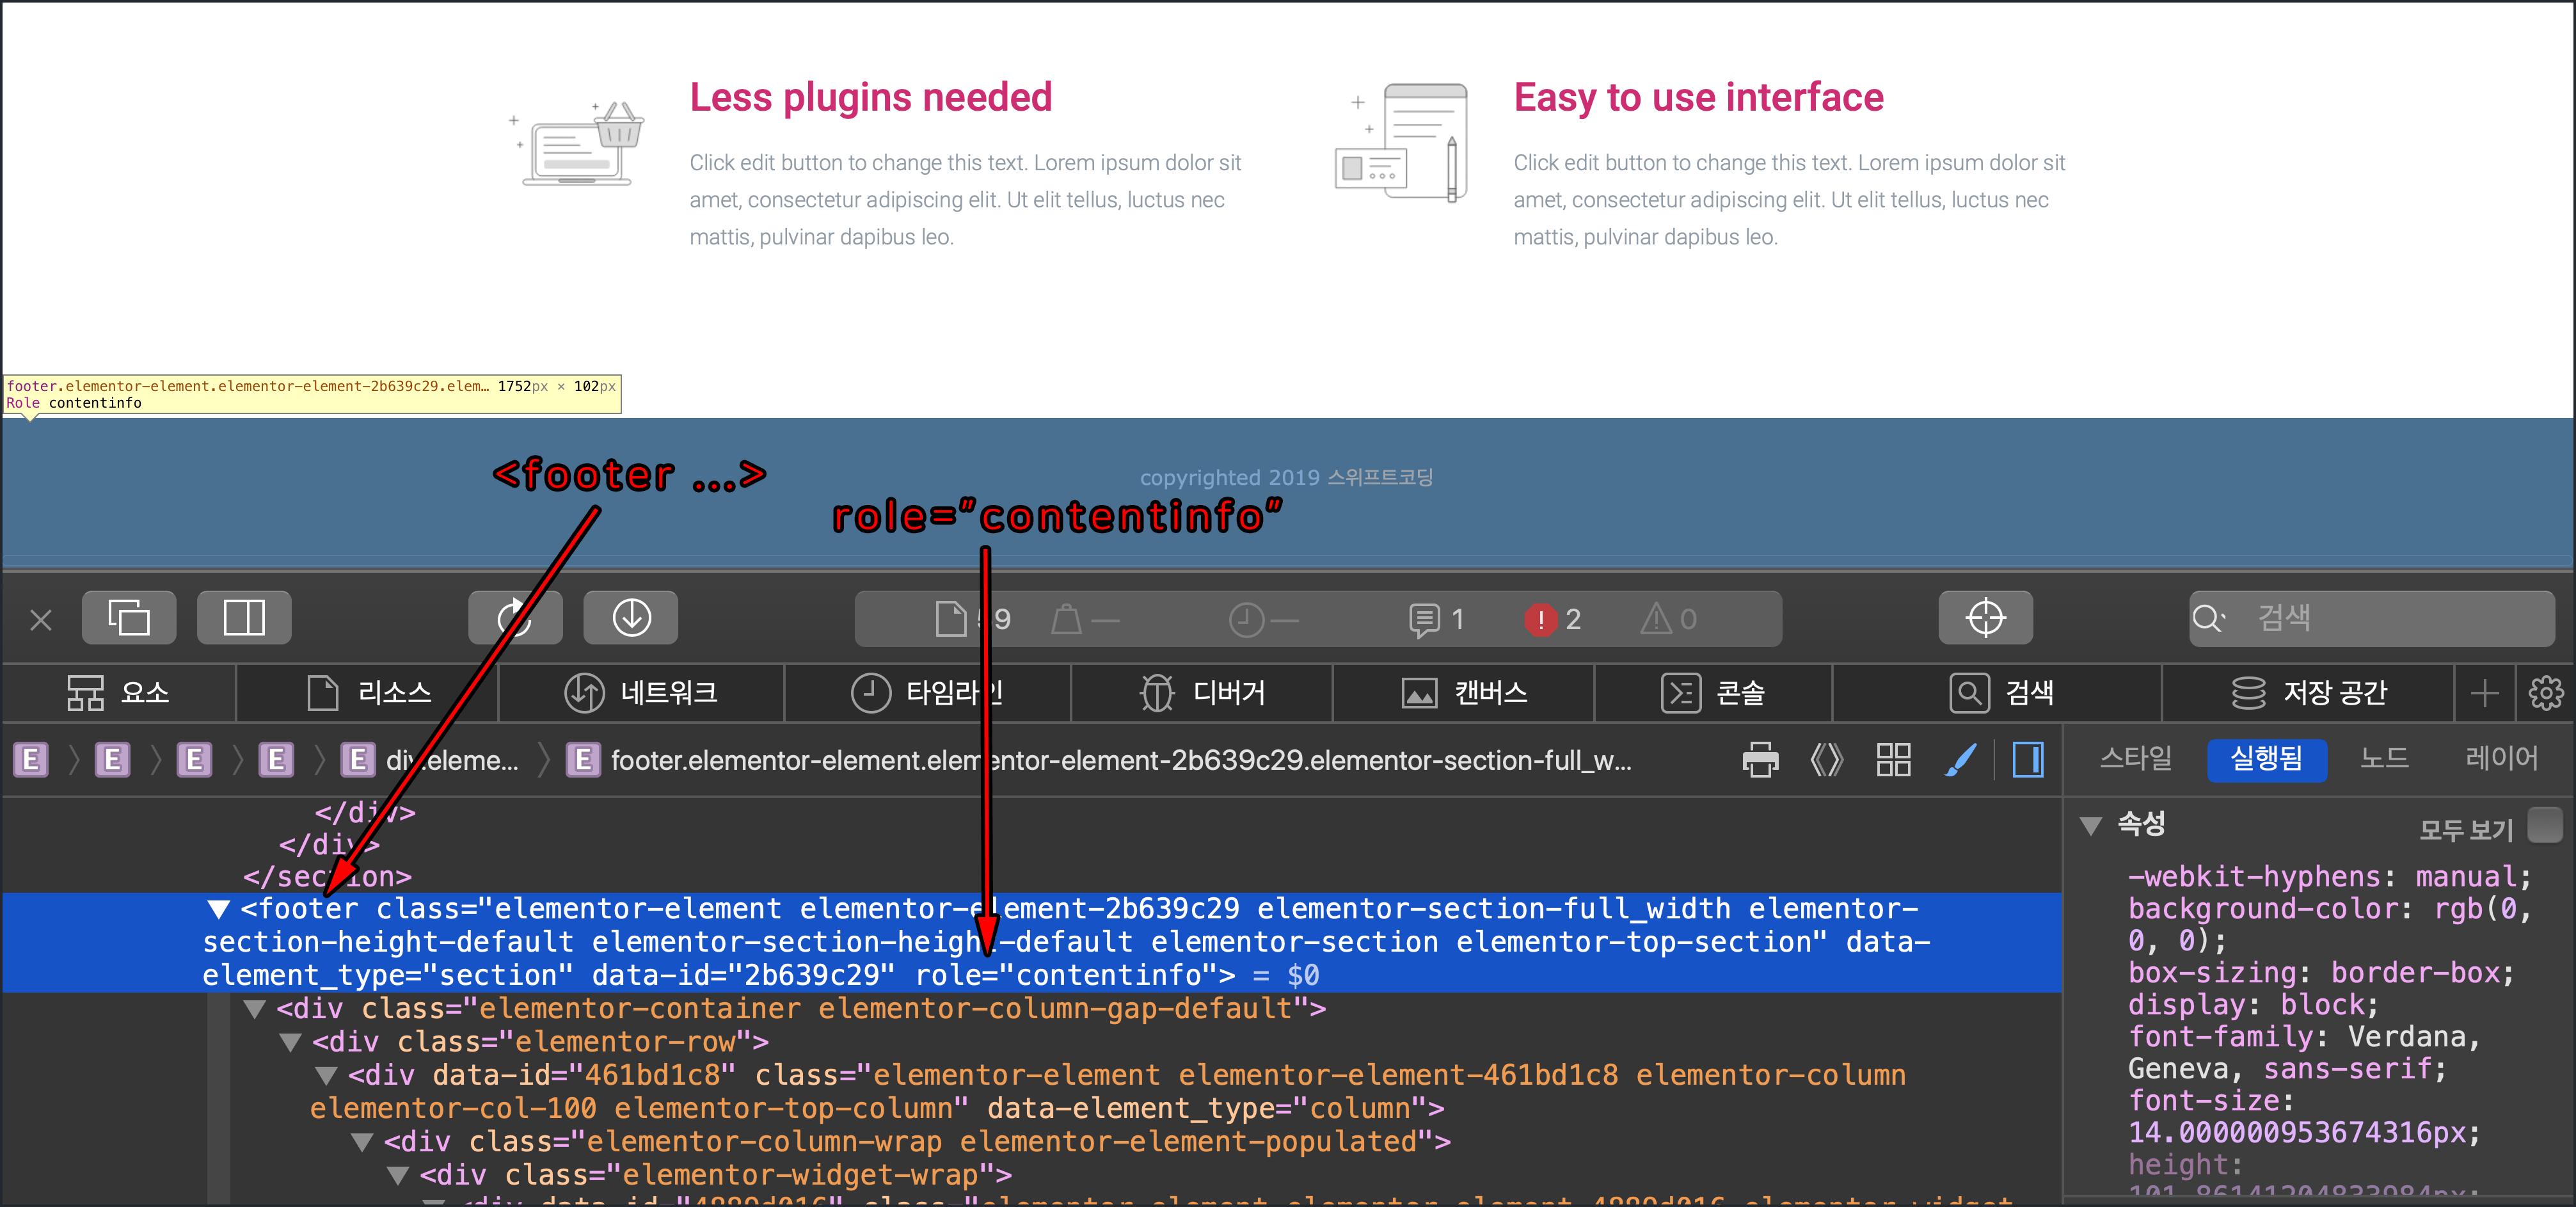 사파리 웹브라우저 개발자모드에서 살펴본 푸터 섹션